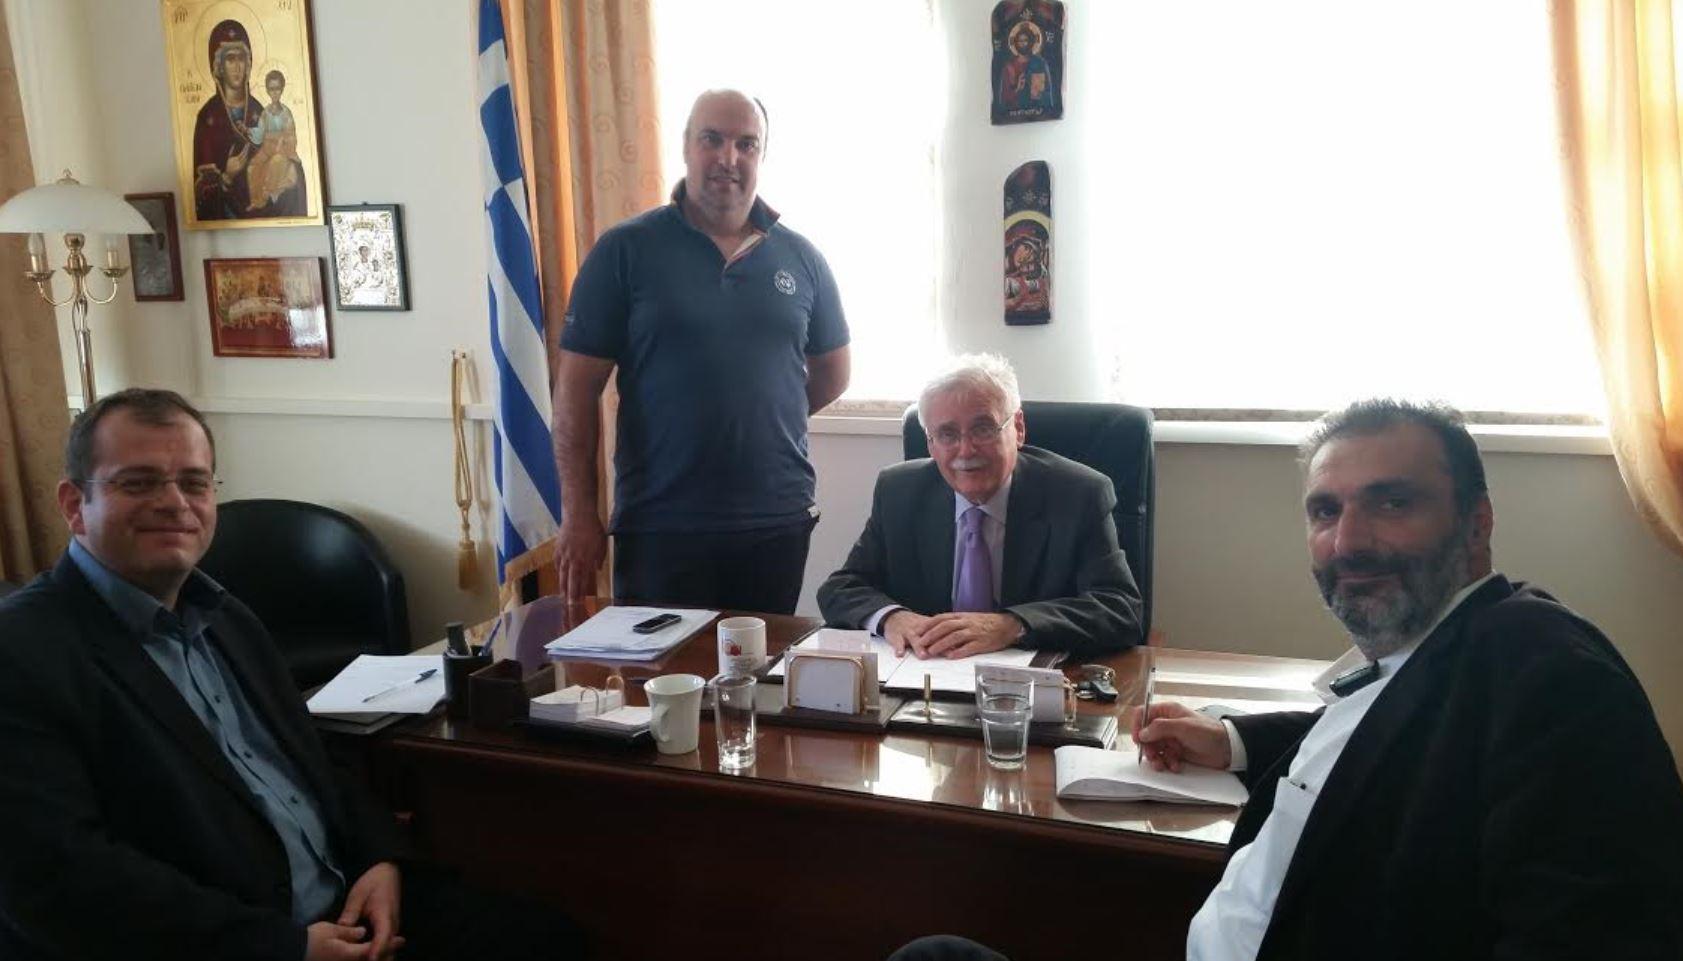 Συνάντηση αντιπροσωπείας του ΣΥΡΙΖΑ ΠΕ Κοζάνης με το Δήμαρχο Βοϊου